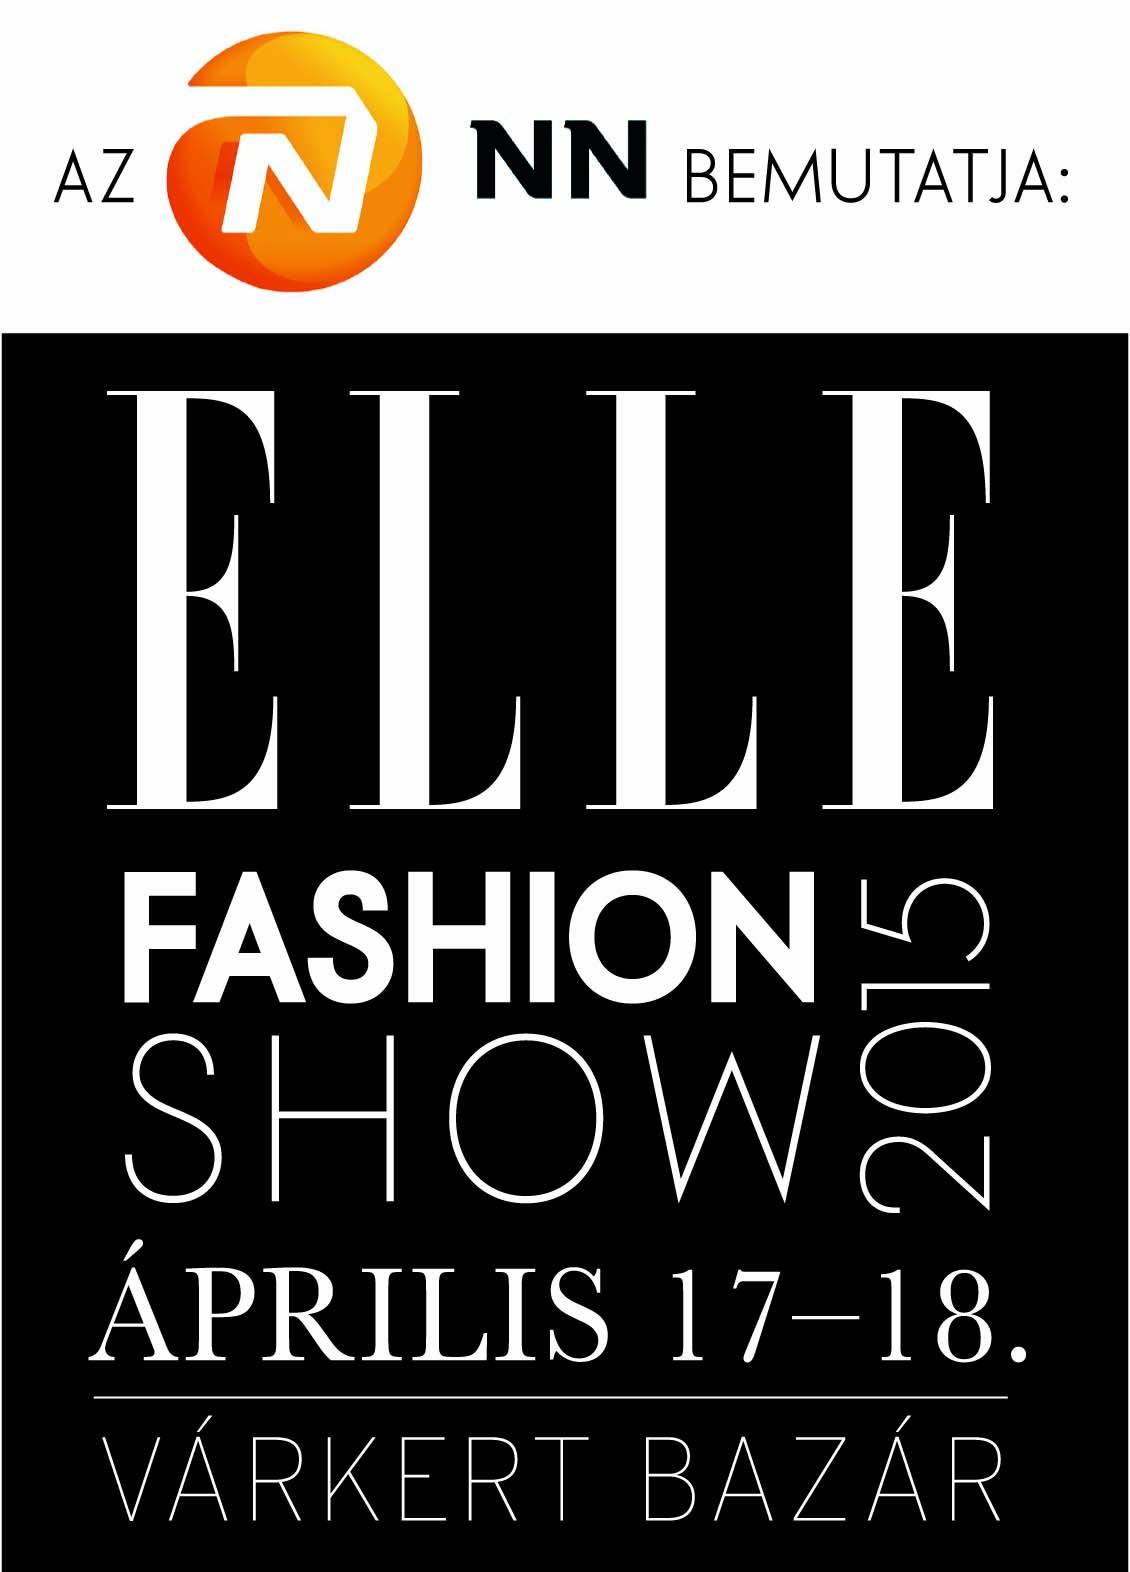 fashionshow logo